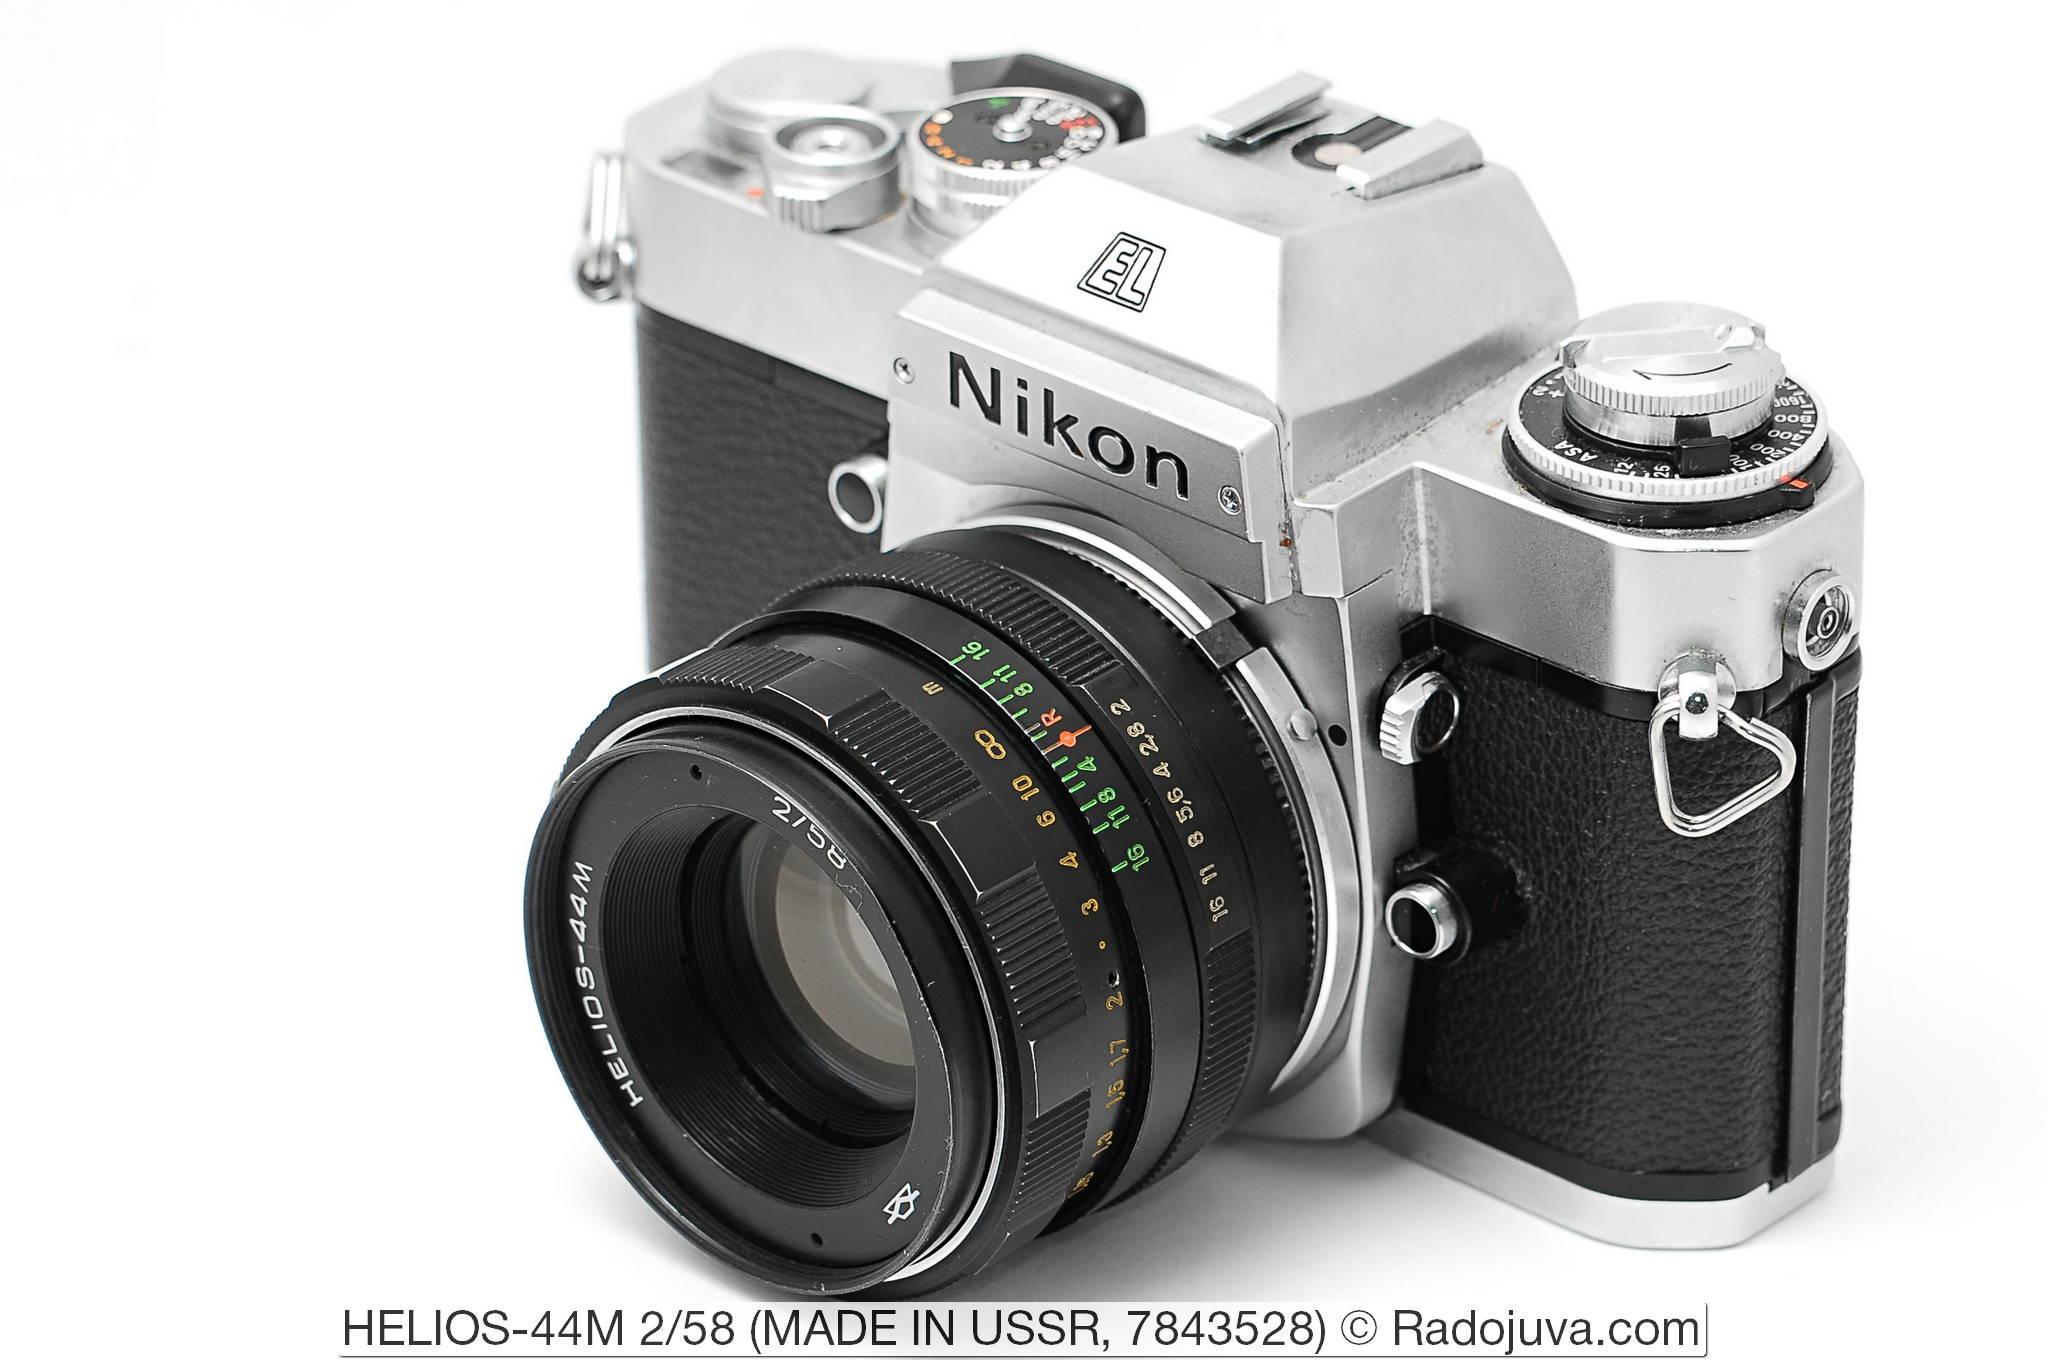 Обзор объектива HELIOS-44M 2/58 (КМЗ). Объектив показан на пленочной зеркальной камере Nikon EL2. Увеличить изображение. Установка объектива на фотоаппарат осуществлена с помощью переходника M42-Nikon F без чипа и линзы.